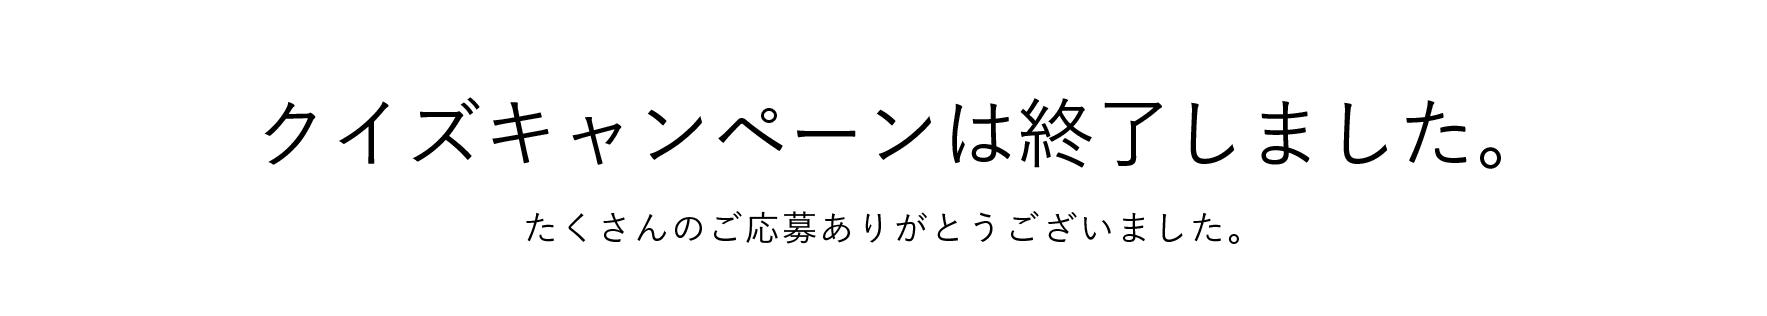 200名にQUOカード500円プレゼント!MOVIEを見てクイズにチャレンジ! 12.31まで